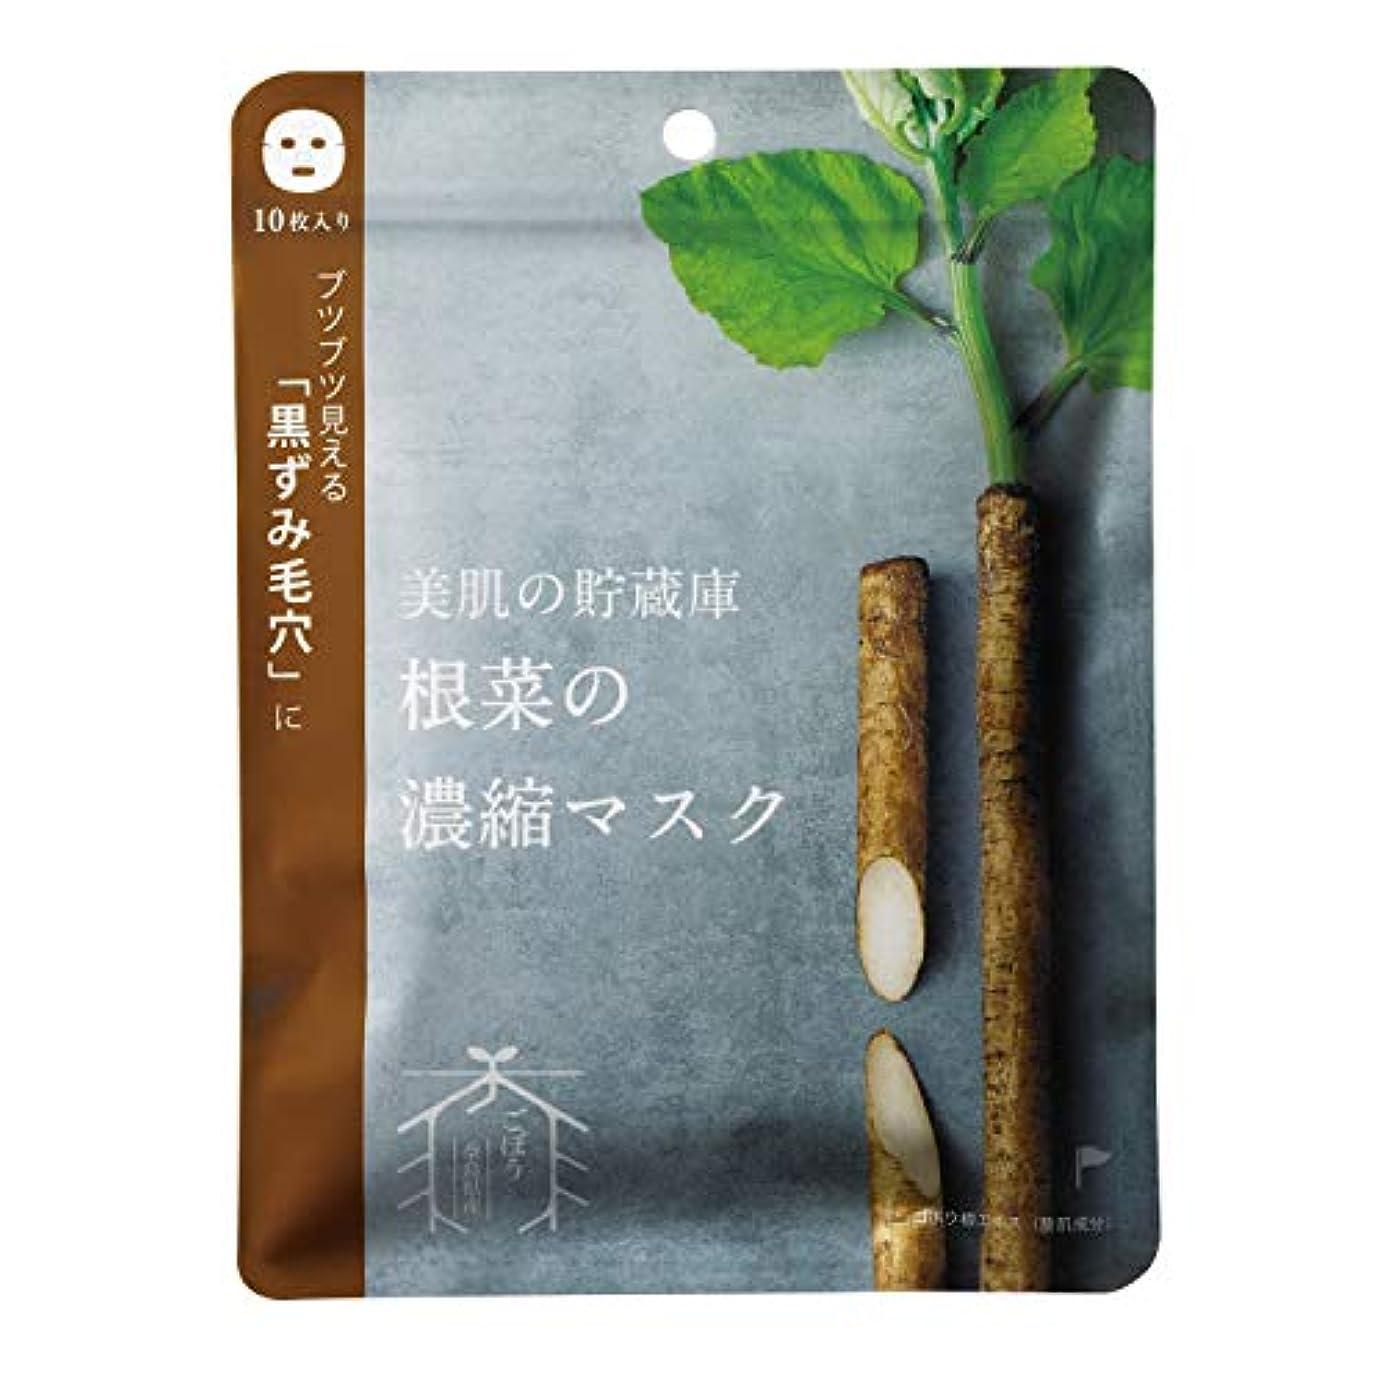 ベース北方合計@cosme nippon 美肌の貯蔵庫 根菜の濃縮マスク 宇陀金ごぼう 10枚 160ml